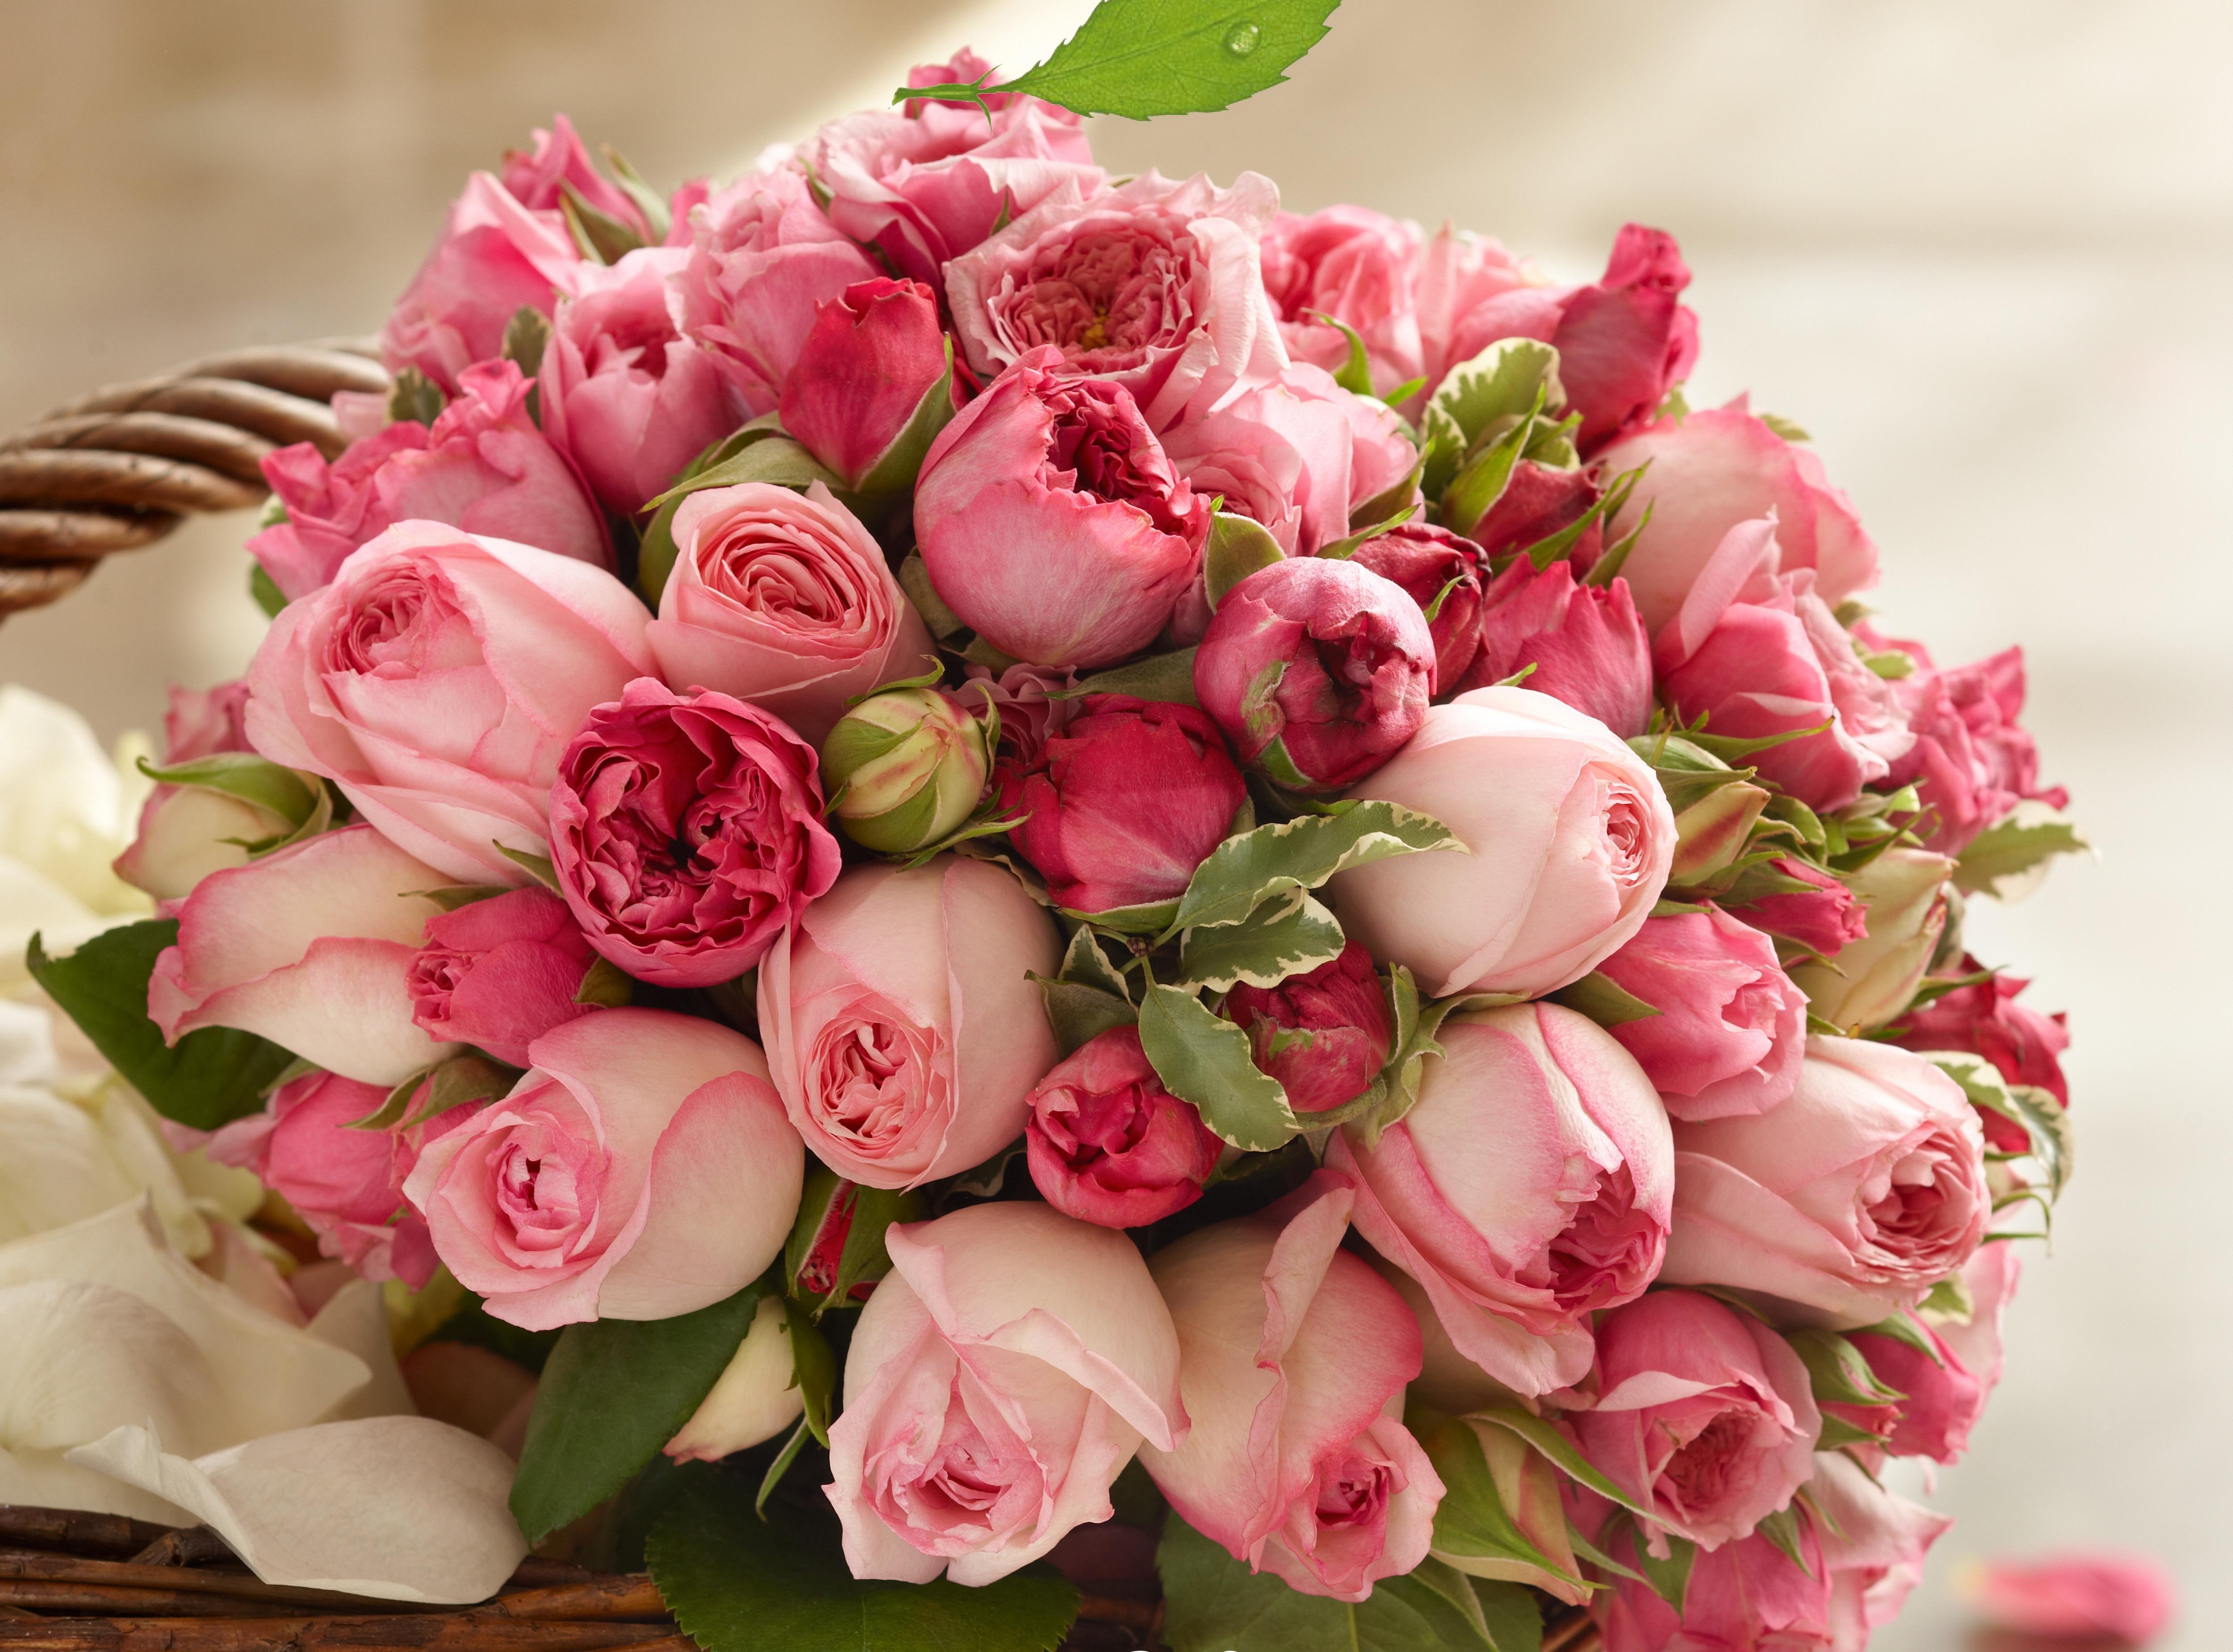 Надписью днем, самые красивые букеты цветов картинки